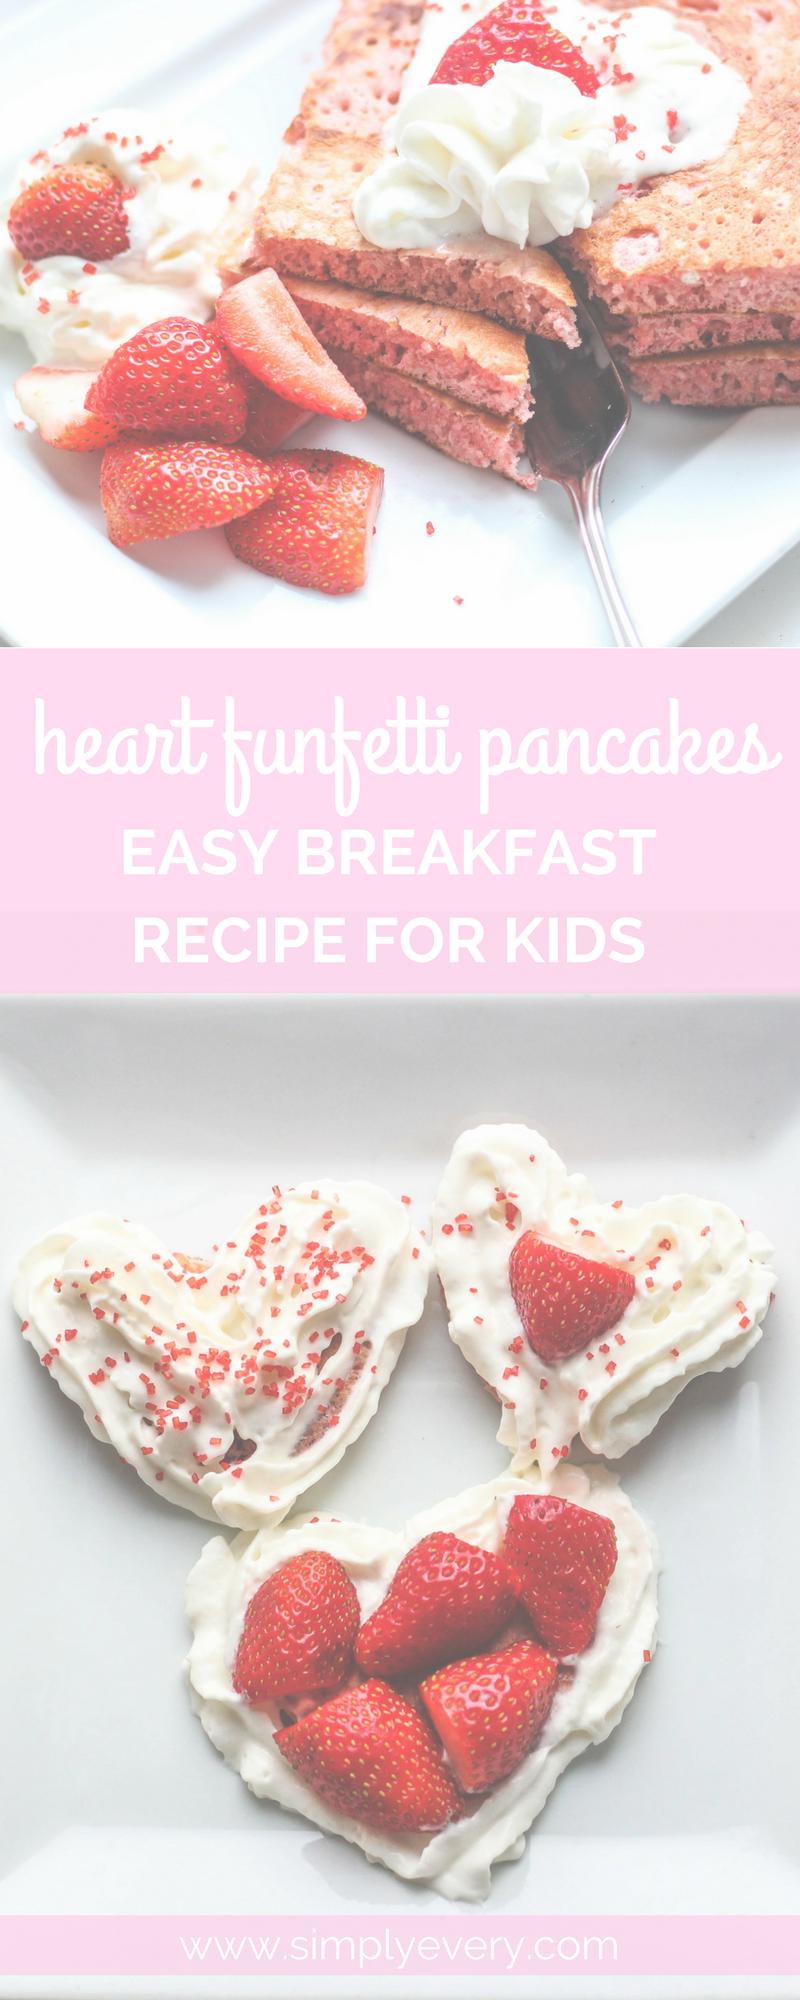 Heart Funfetti Pancakes Easy Breakfast Recipe for Kids